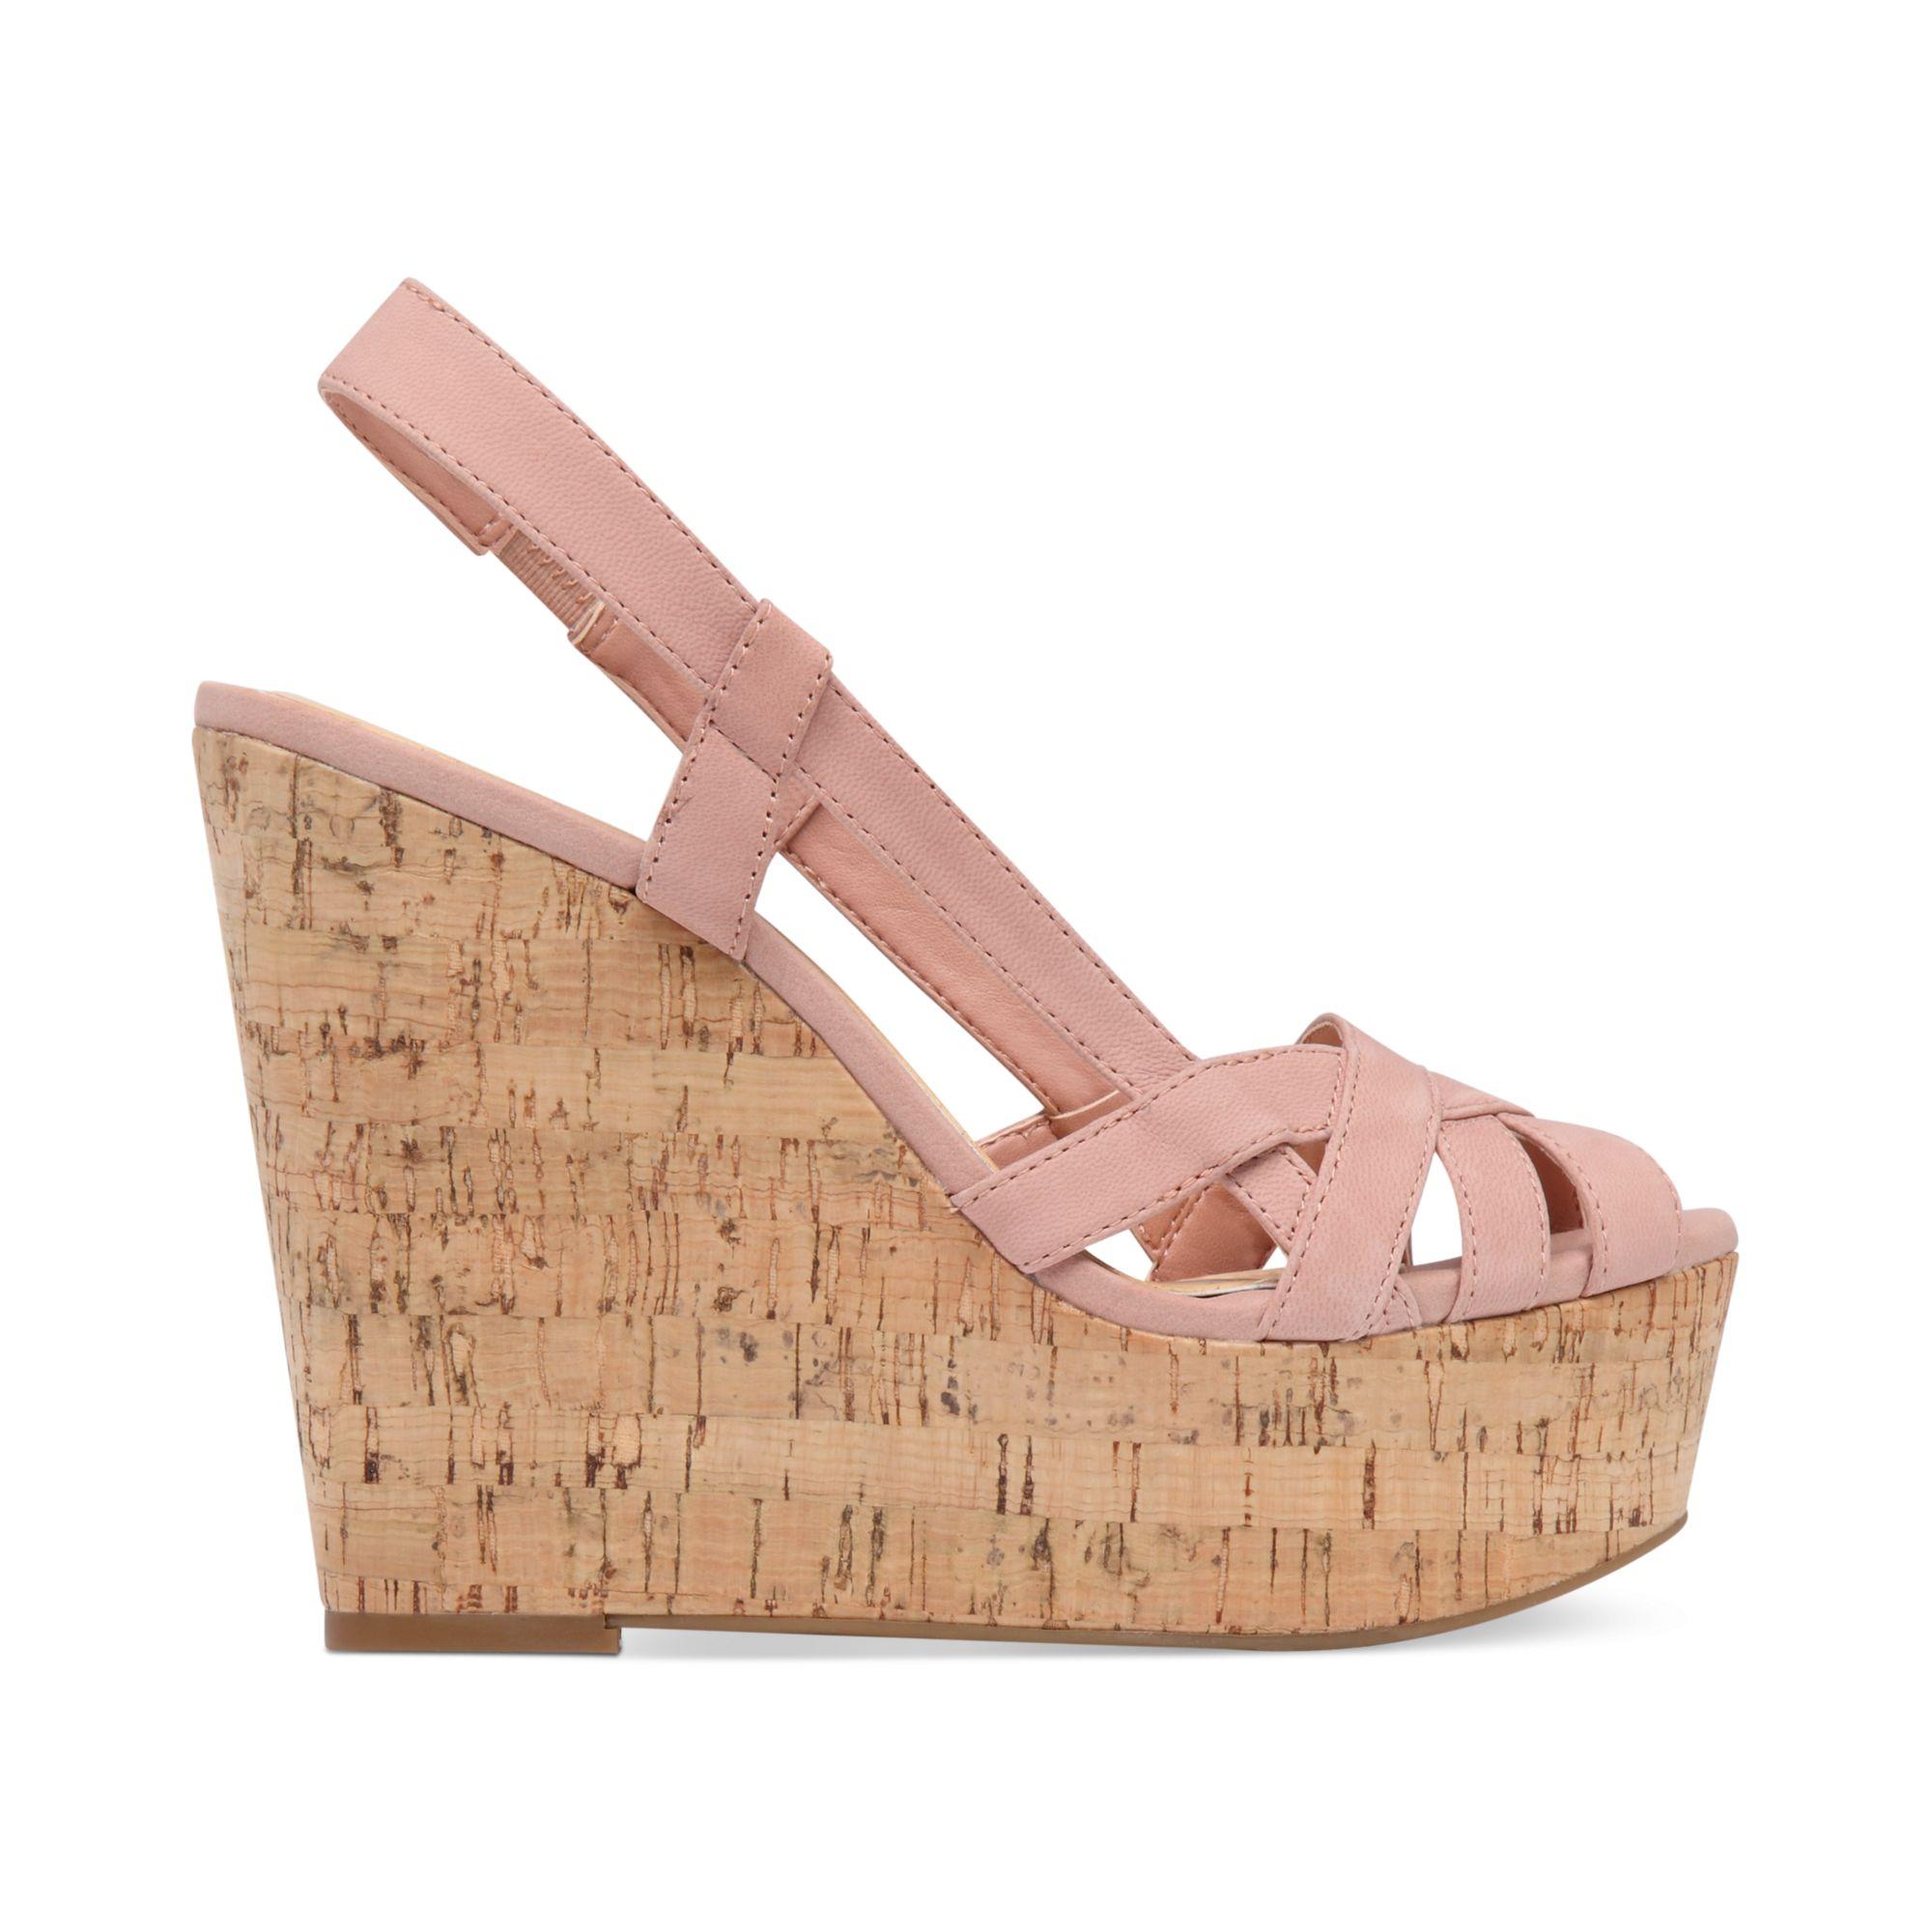 westt cork platform wedge sandals in pink